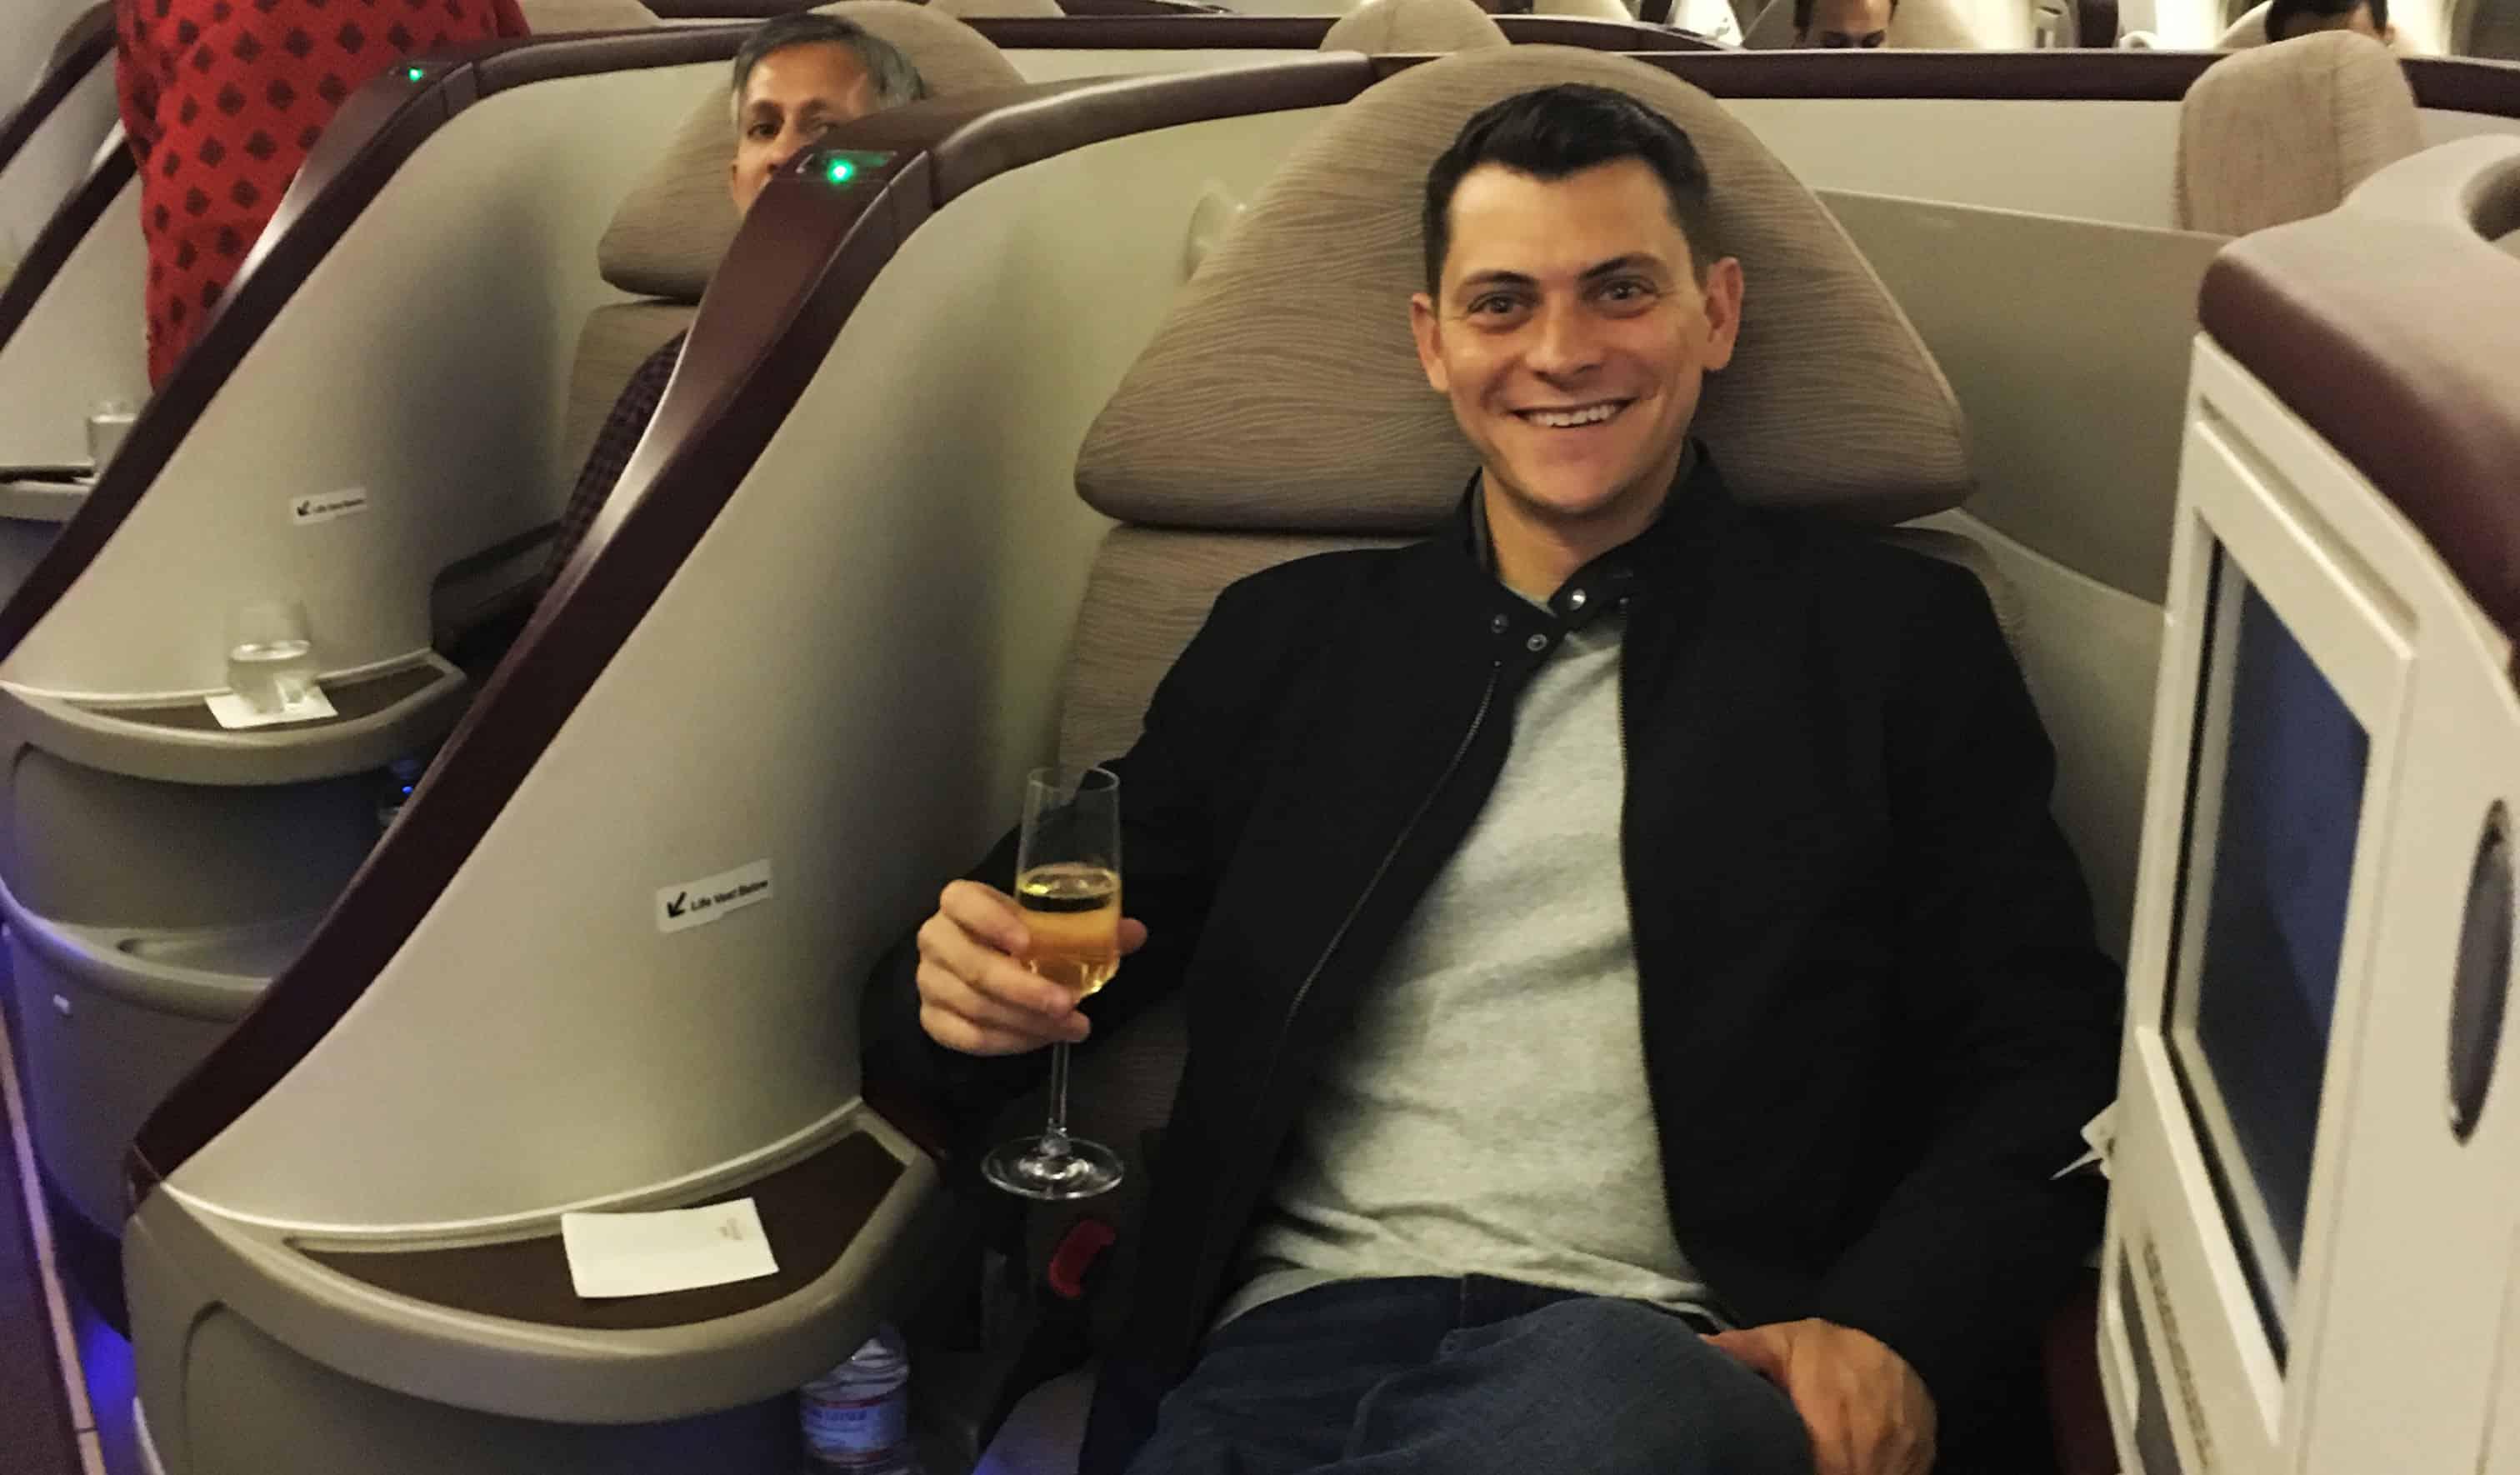 Matt flying business class